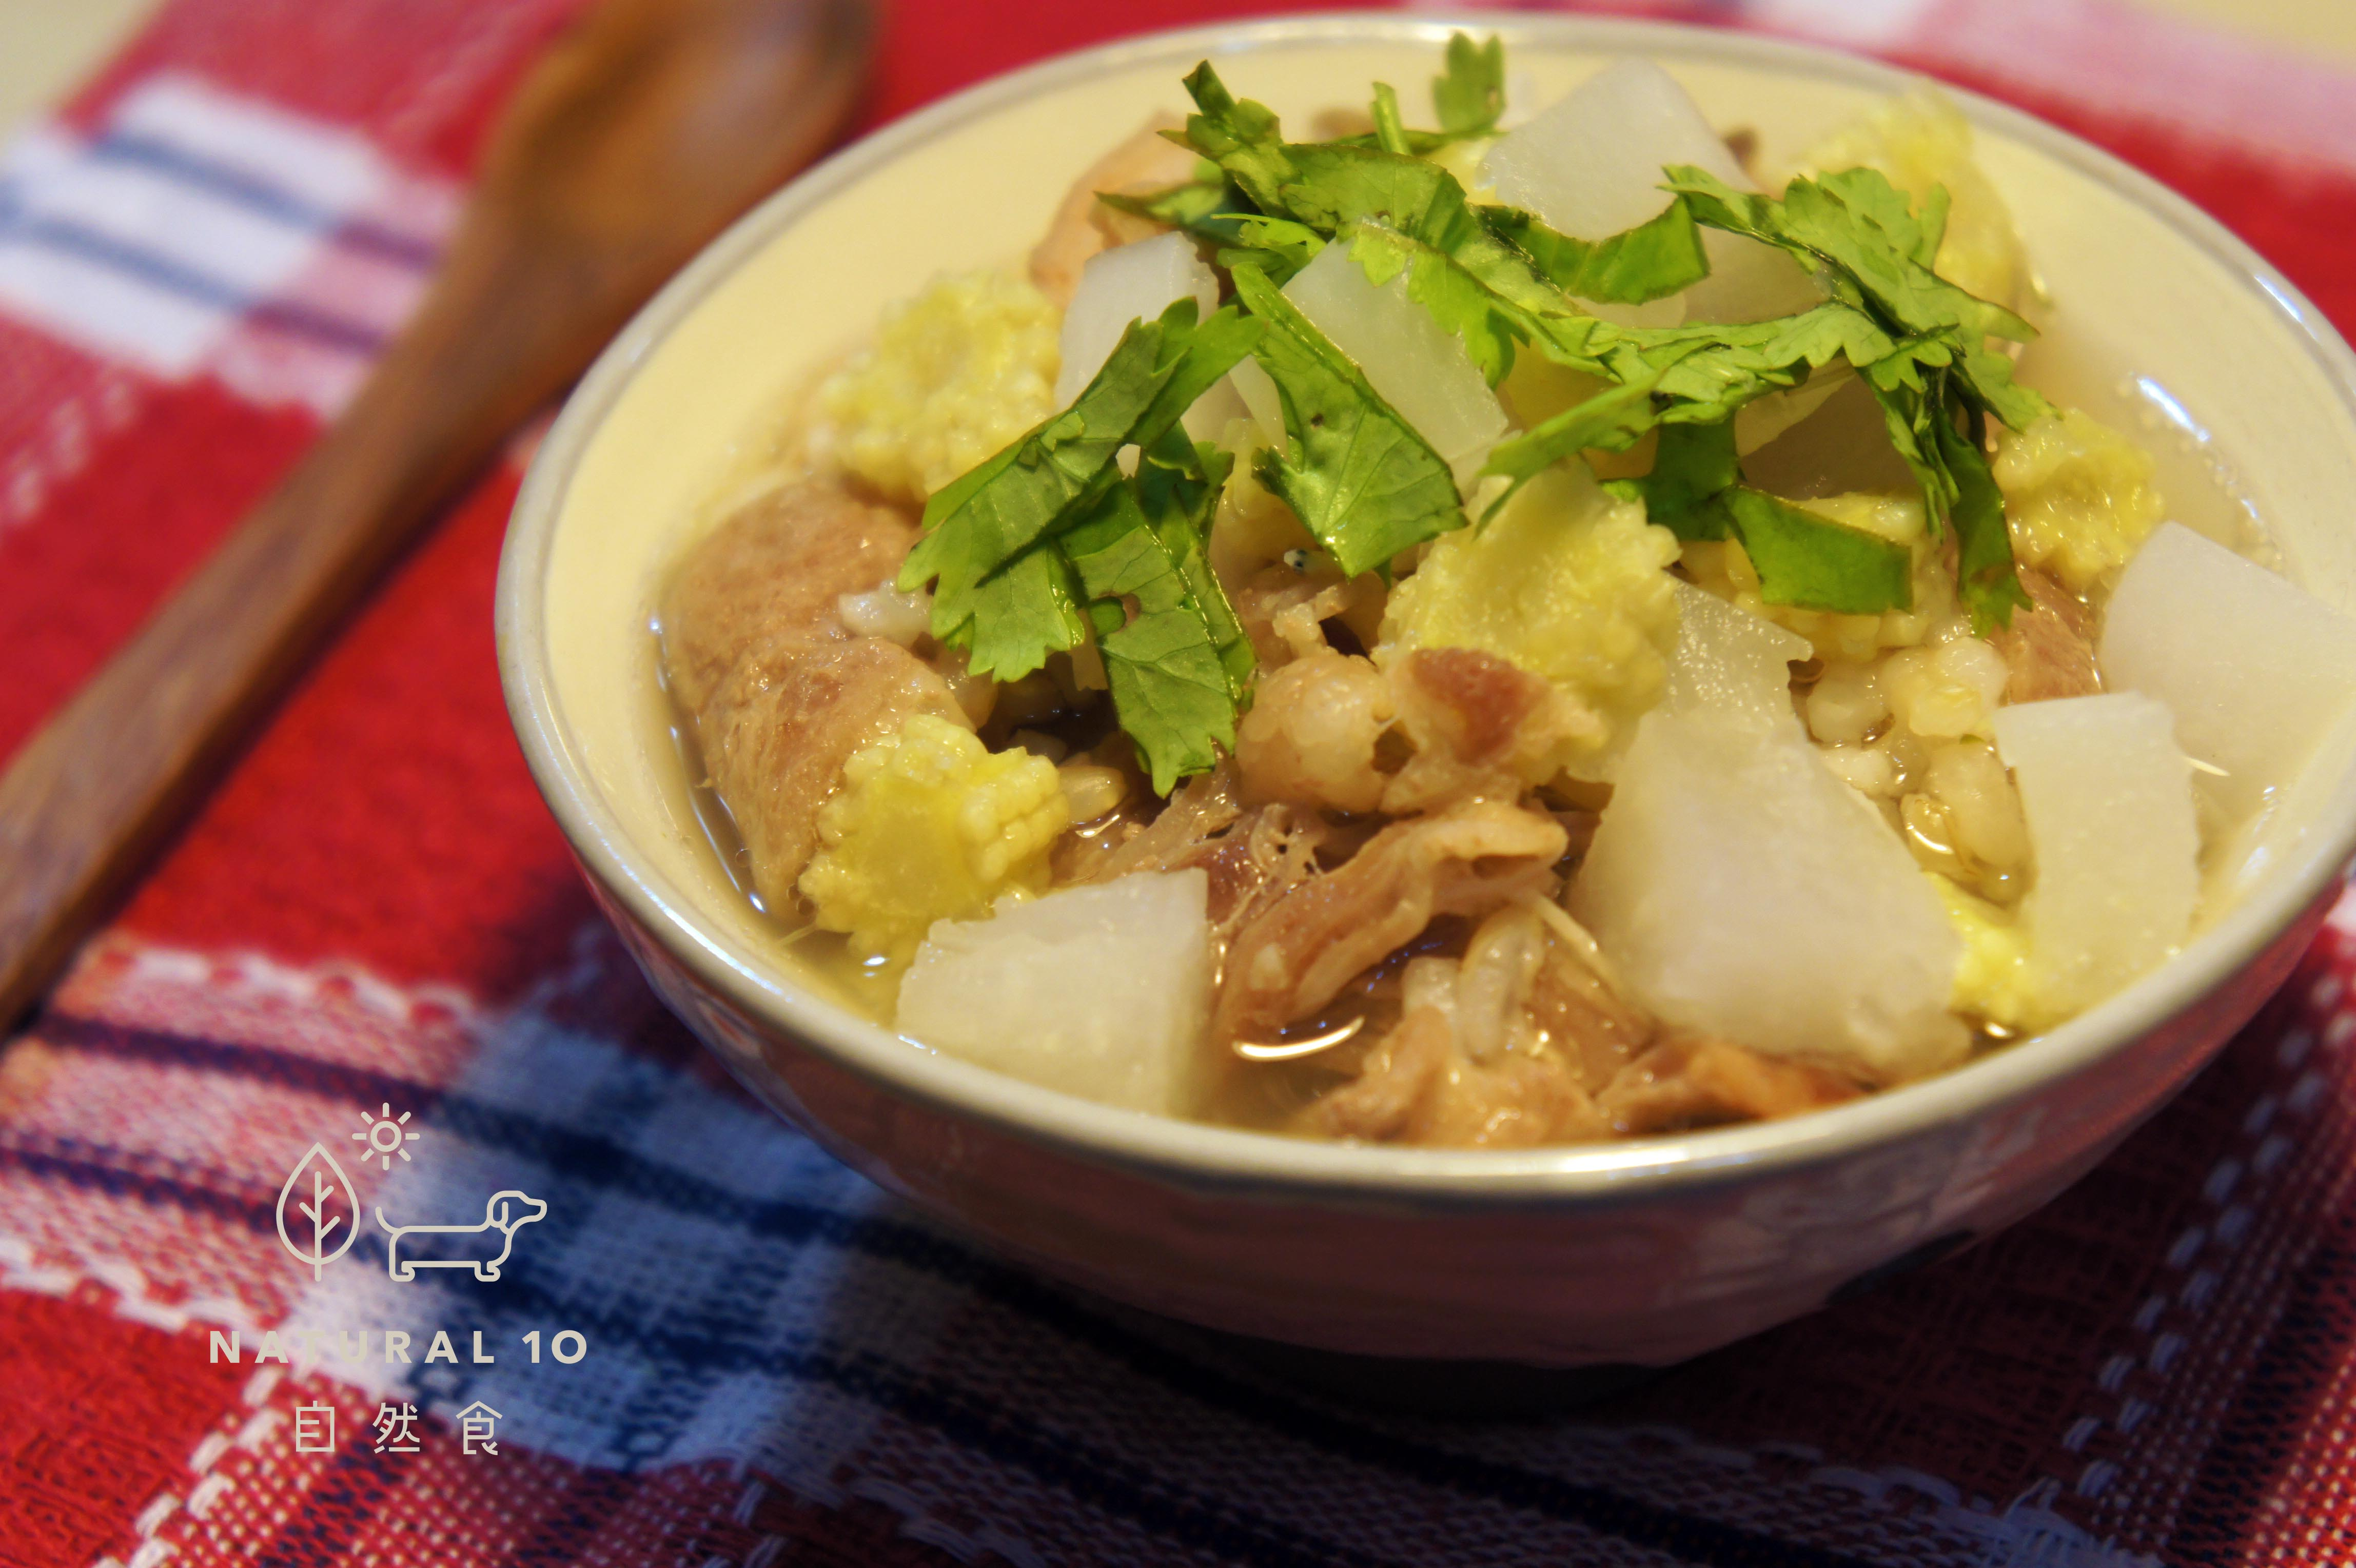 寵物鮮食食譜>涮羊肉蘿蔔湯泡飯,狗鮮食